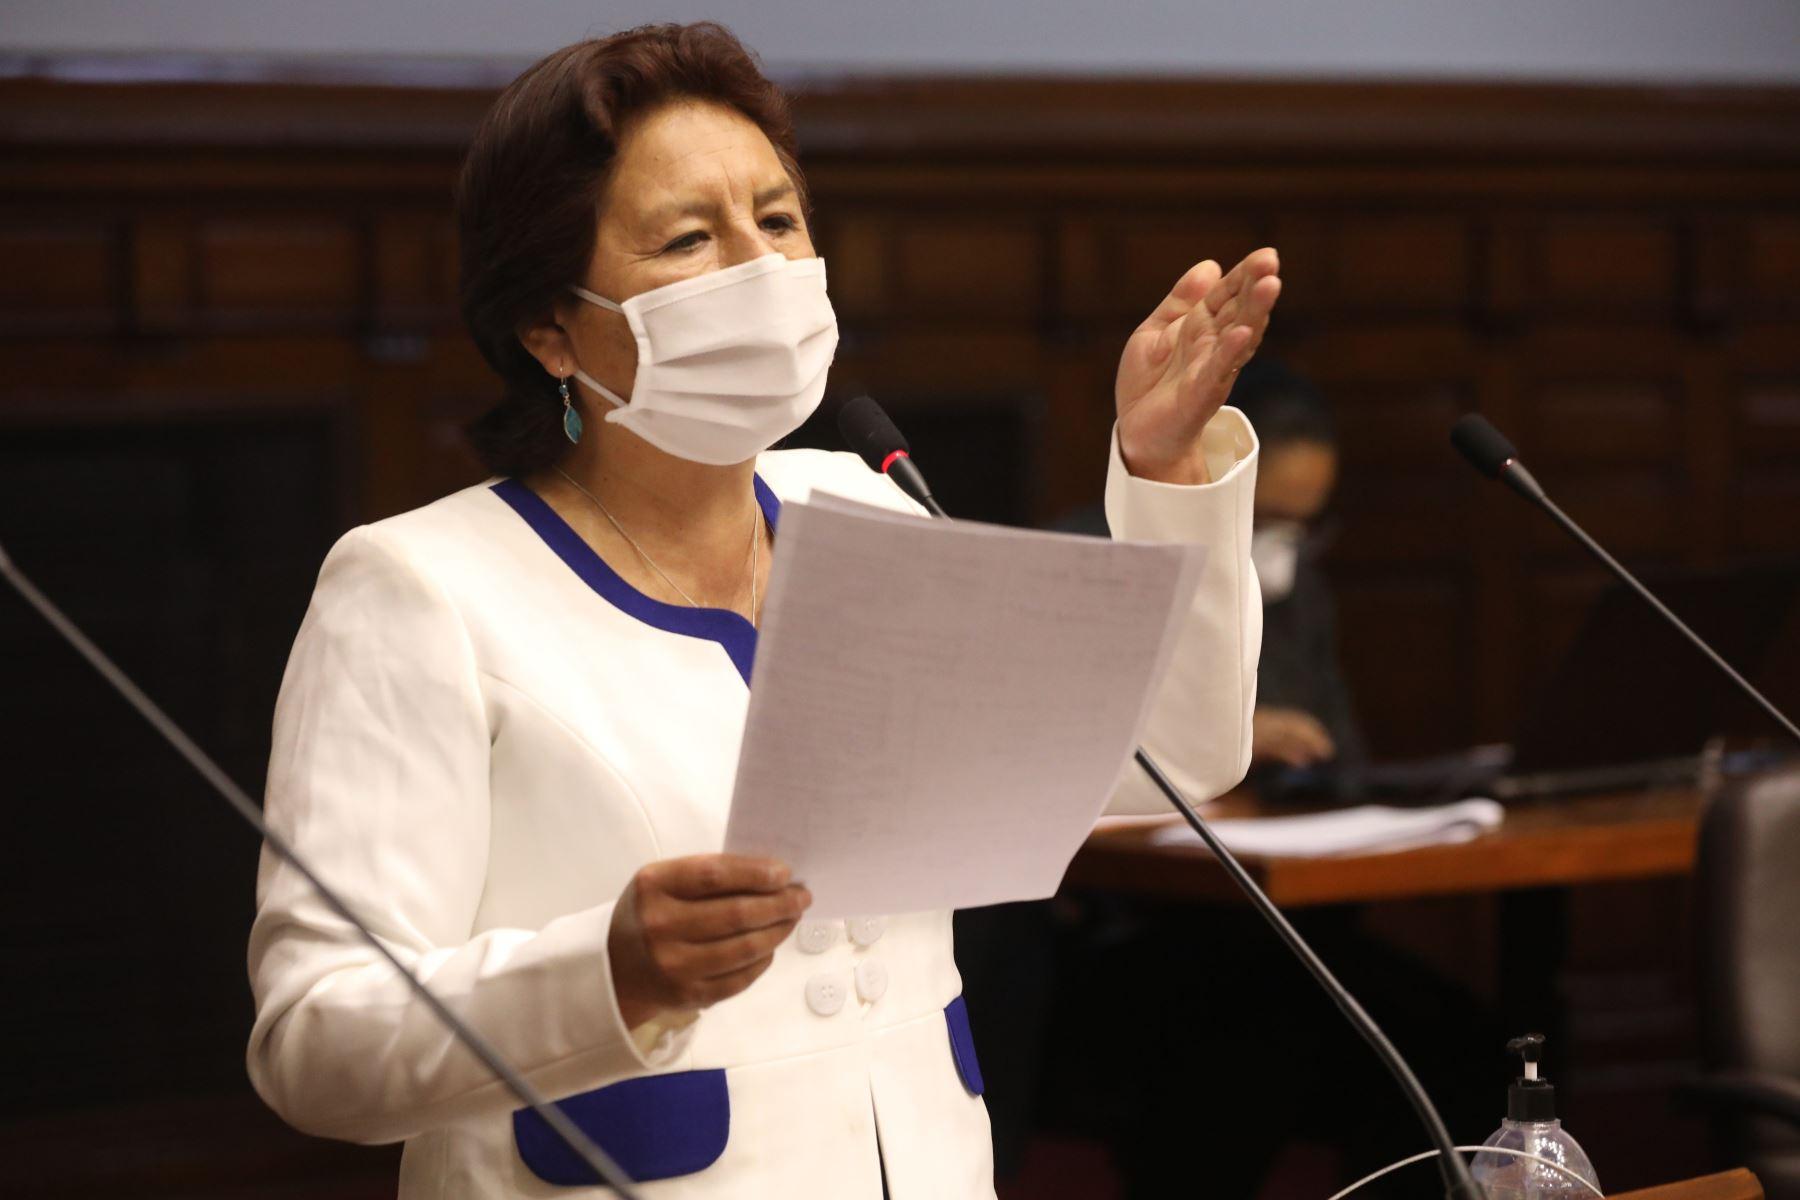 La legisladora Matilde Fernández interviene en el debate del Pleno del Congreso sobre voto de confianza a gabinete Cateriano. Foto: Congreso